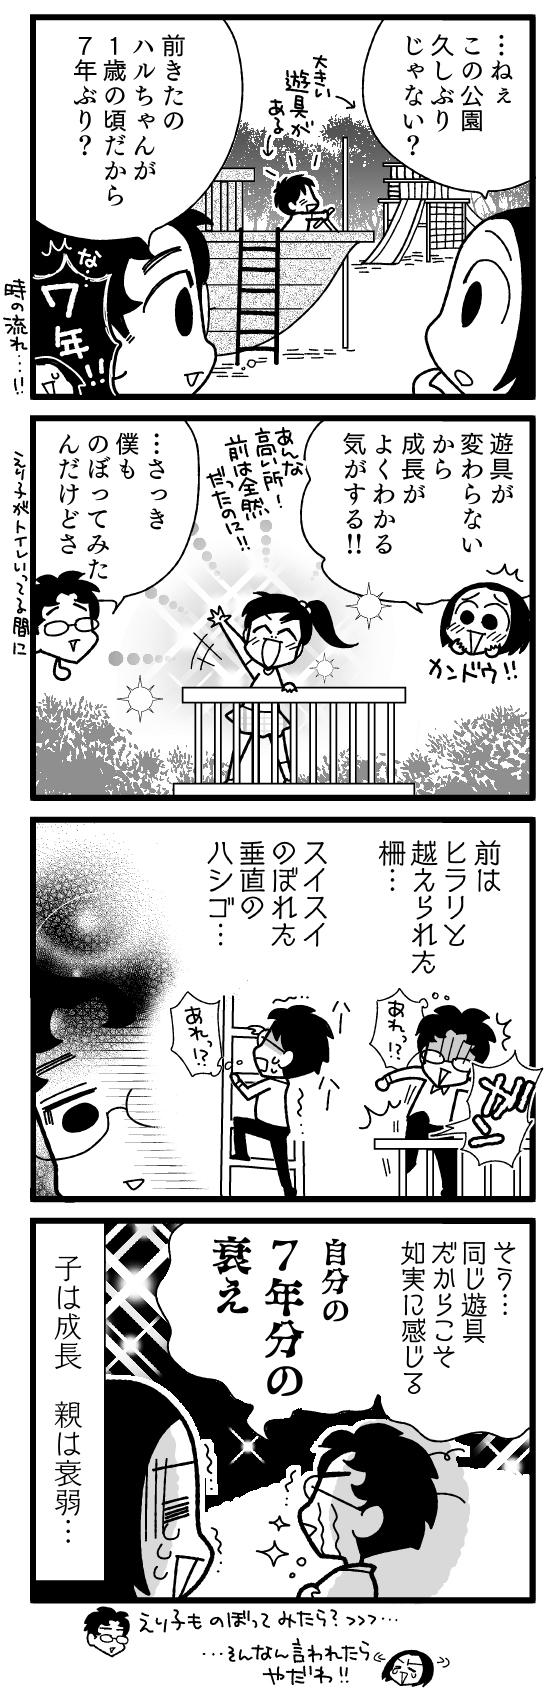 漫画『怒濤のにゅーじヨージ』Vol.207「パパ思う@久々の公園」 1コマ目